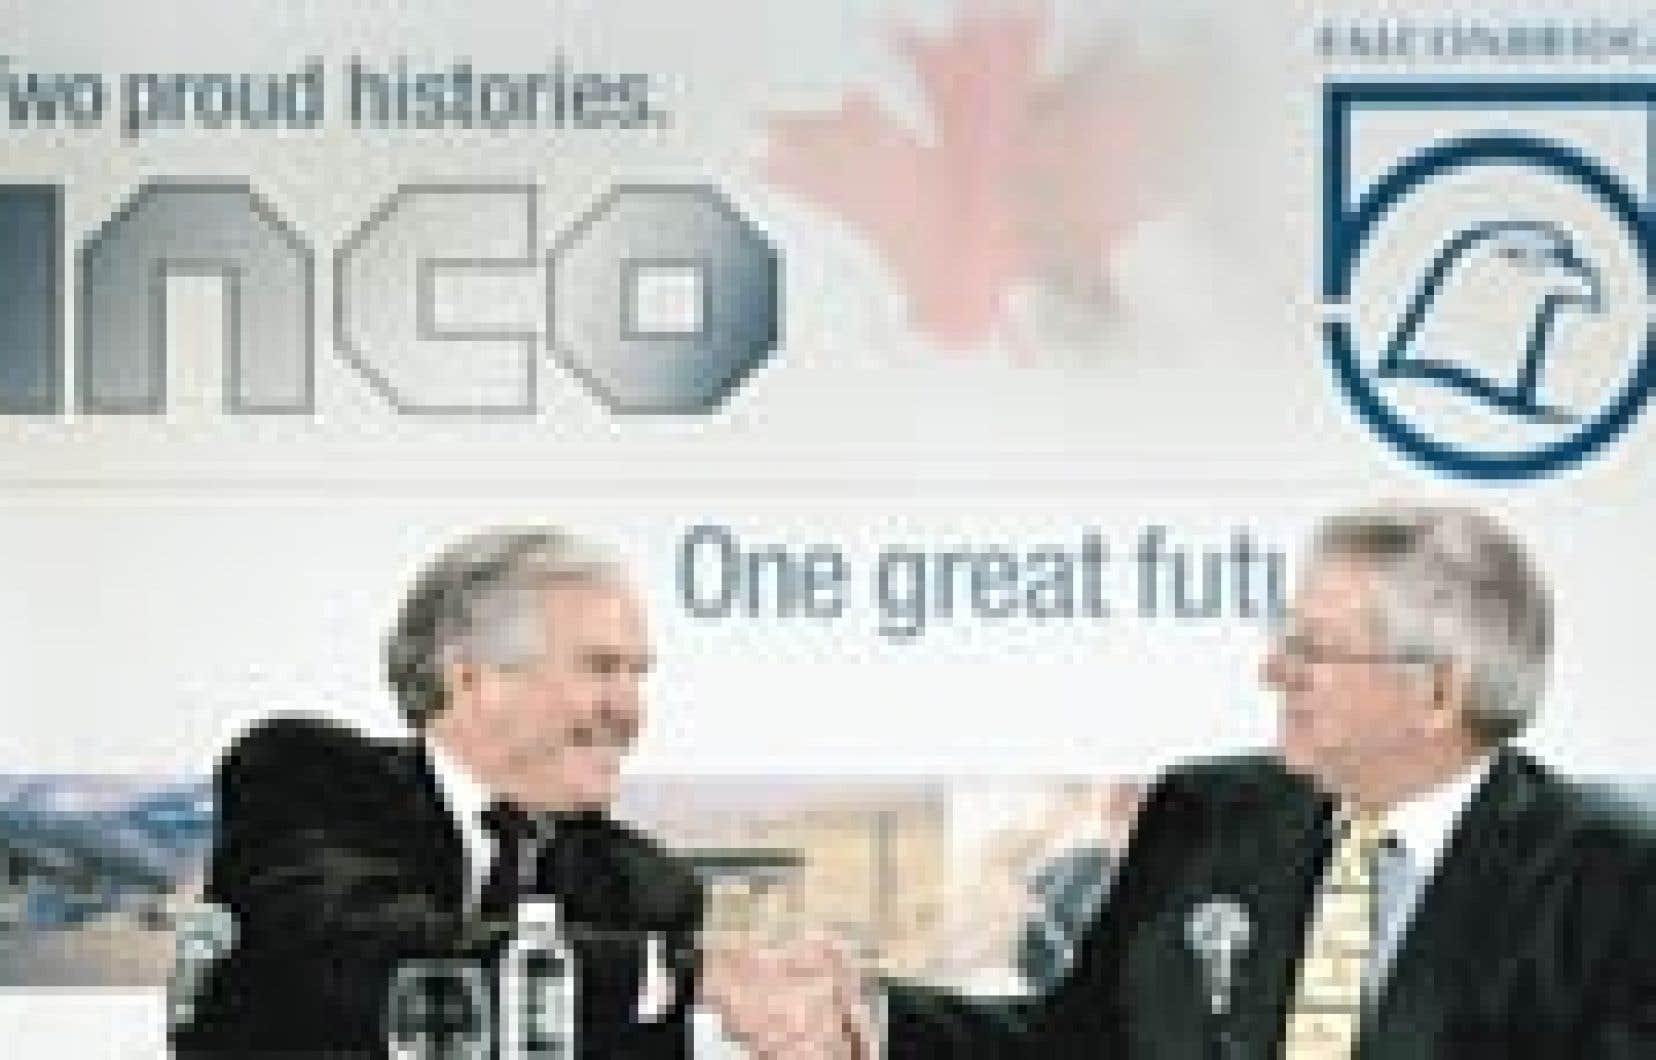 Scott Hand, chef de la direction d'Inco, à gauche, et son homologue de Falconbridge, Derek Pannell, hier à Toronto.